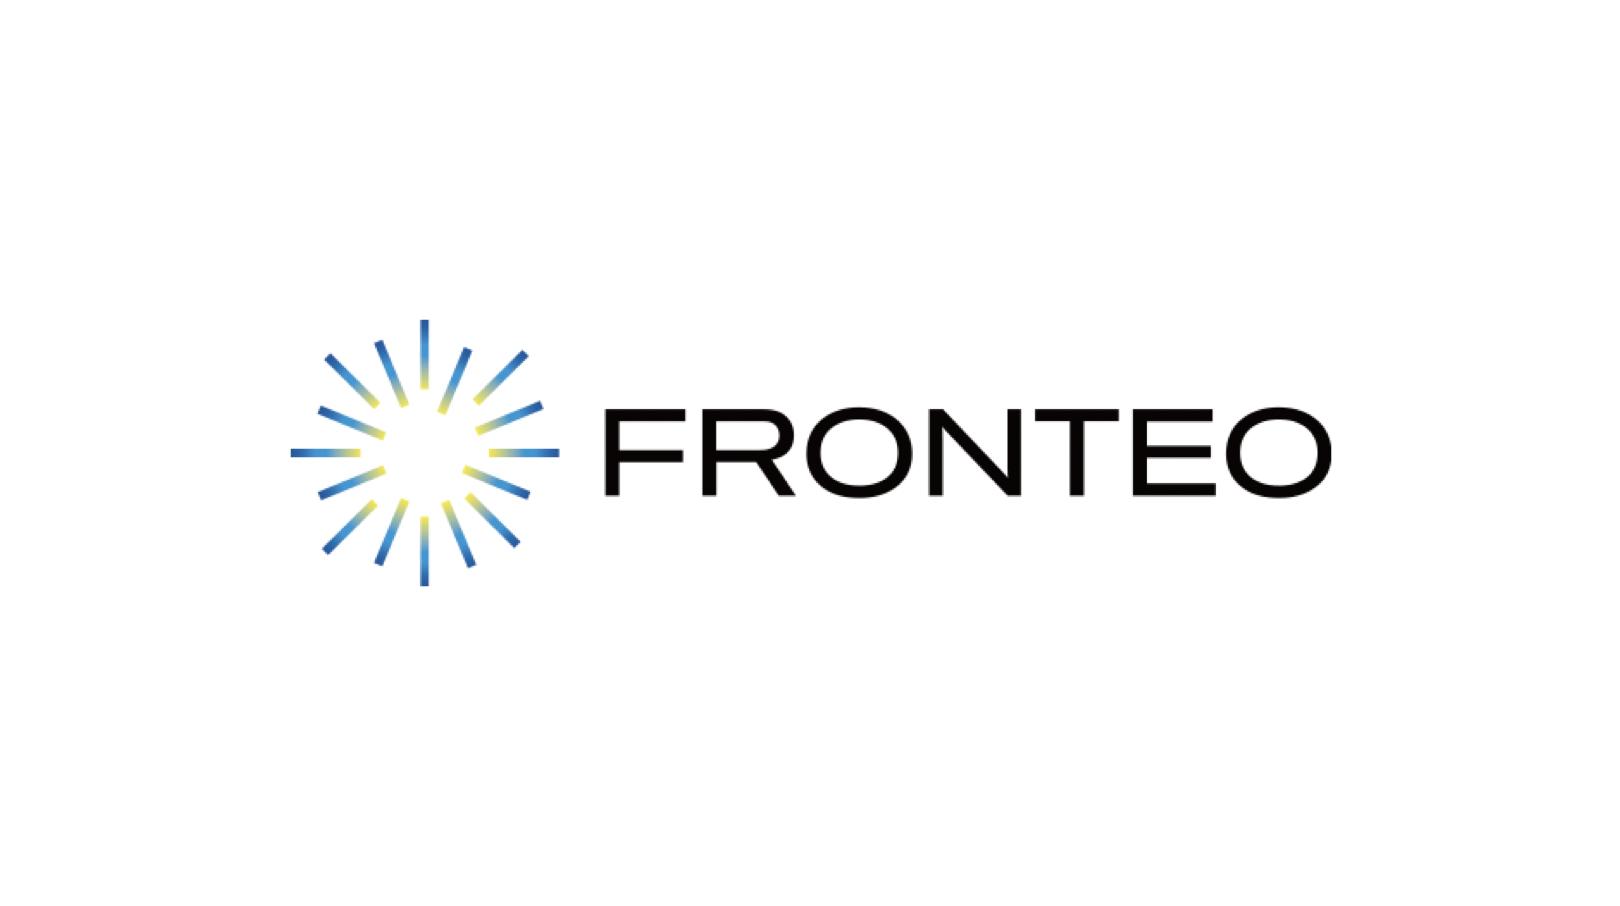 共和薬品工業×FRONTEO | AIを活用した認知症診断支援システムに関する事業提携